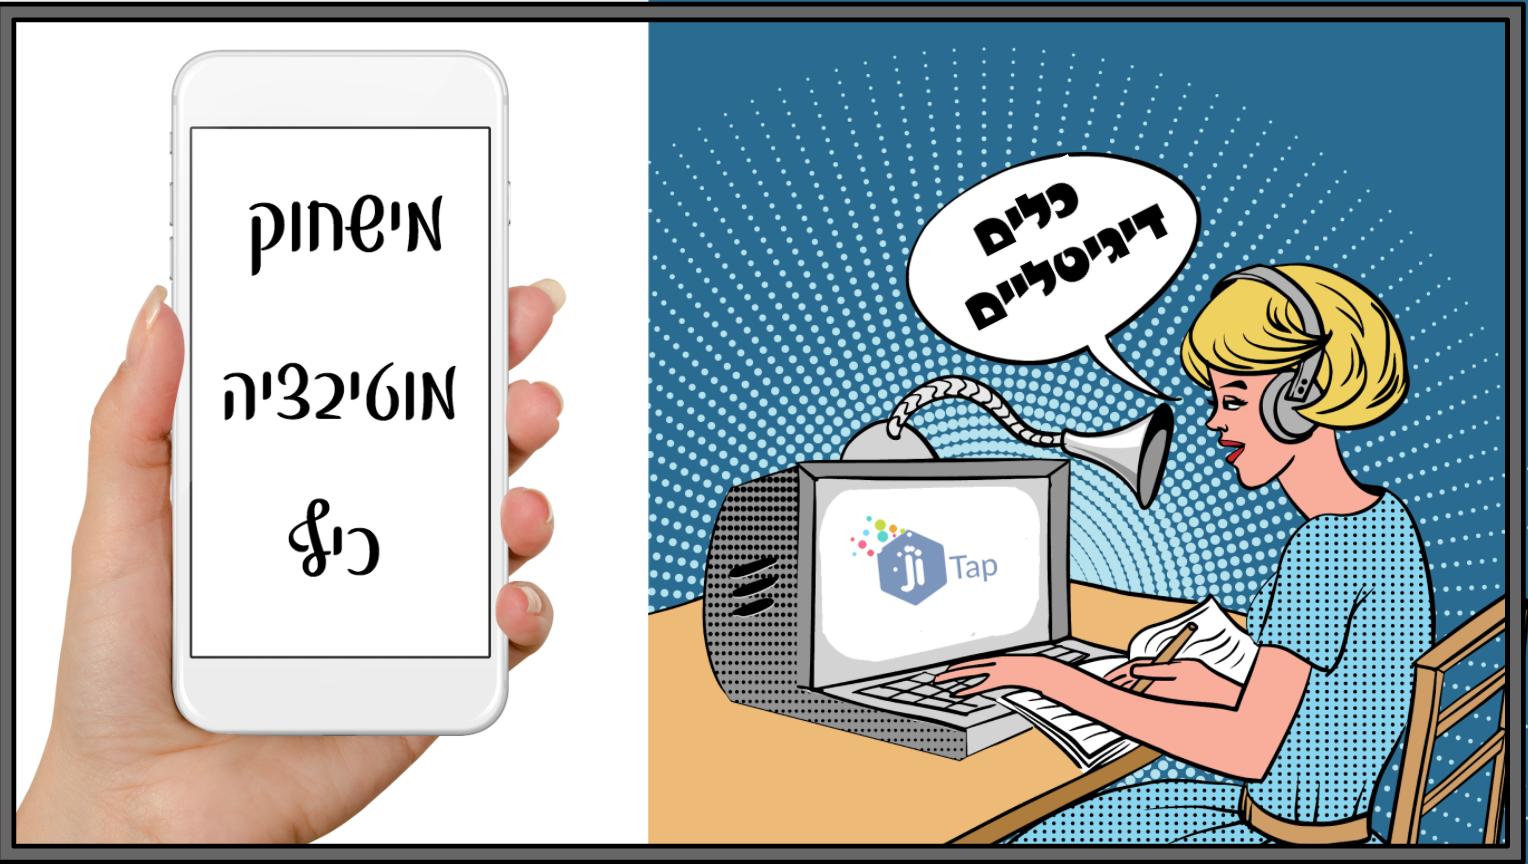 Hebrew Ji Tap